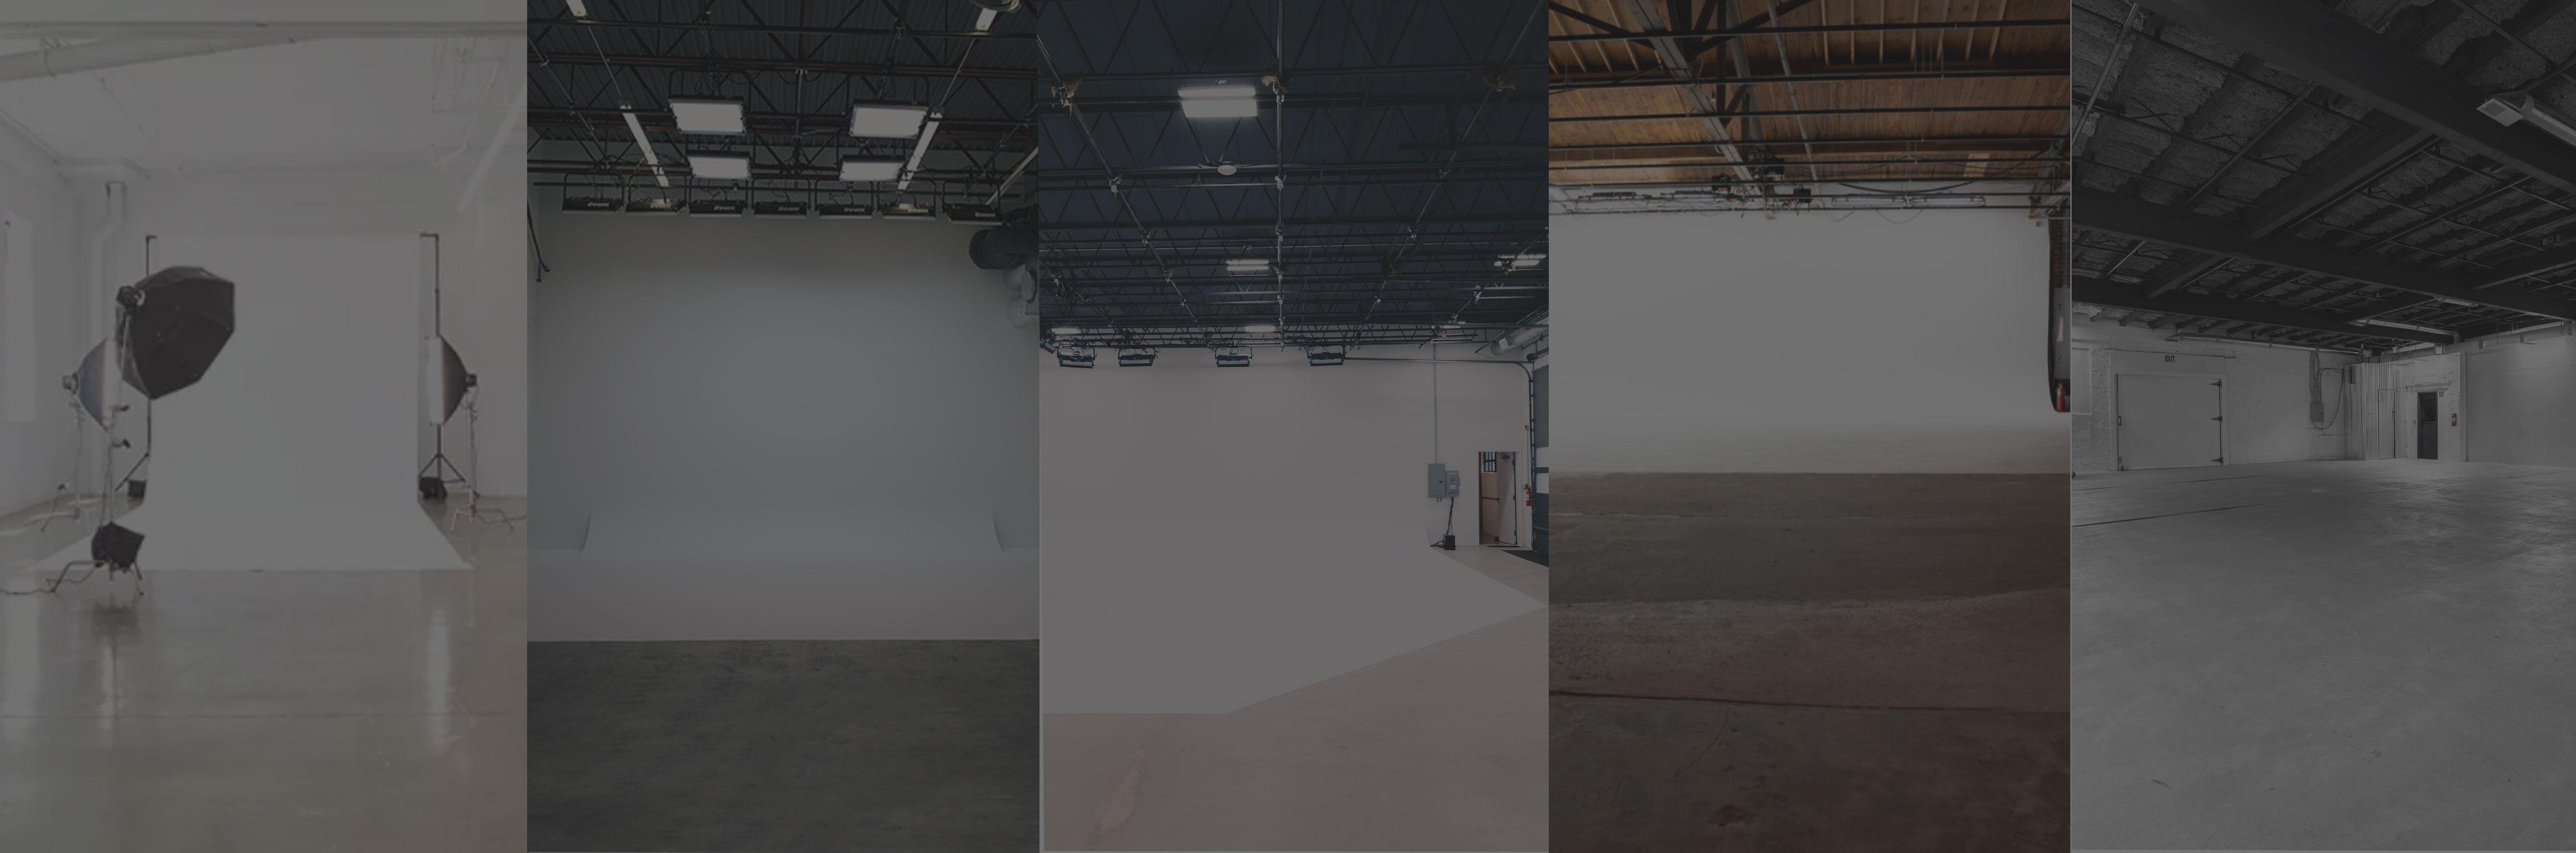 高速公路Studio构建